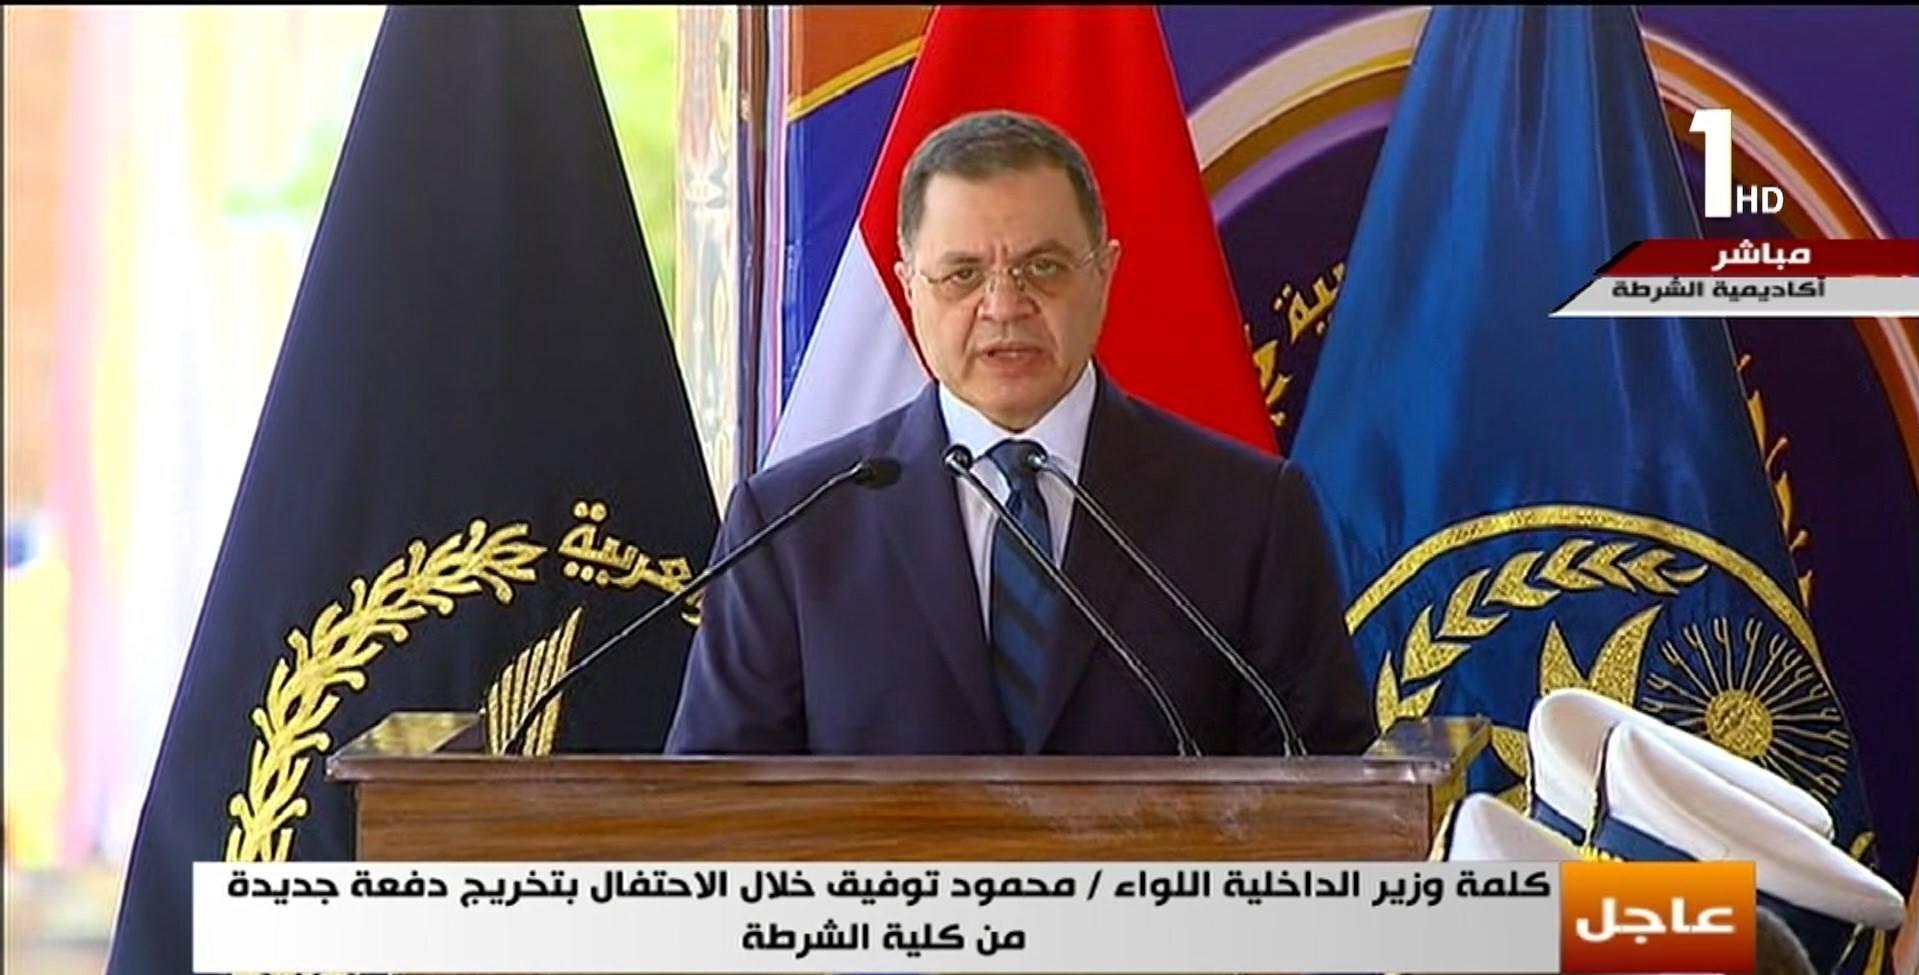 وزير الداخلية: الشرطة أنجزت خطوات مهمة فى مواجهة الإرهاب والجريمة